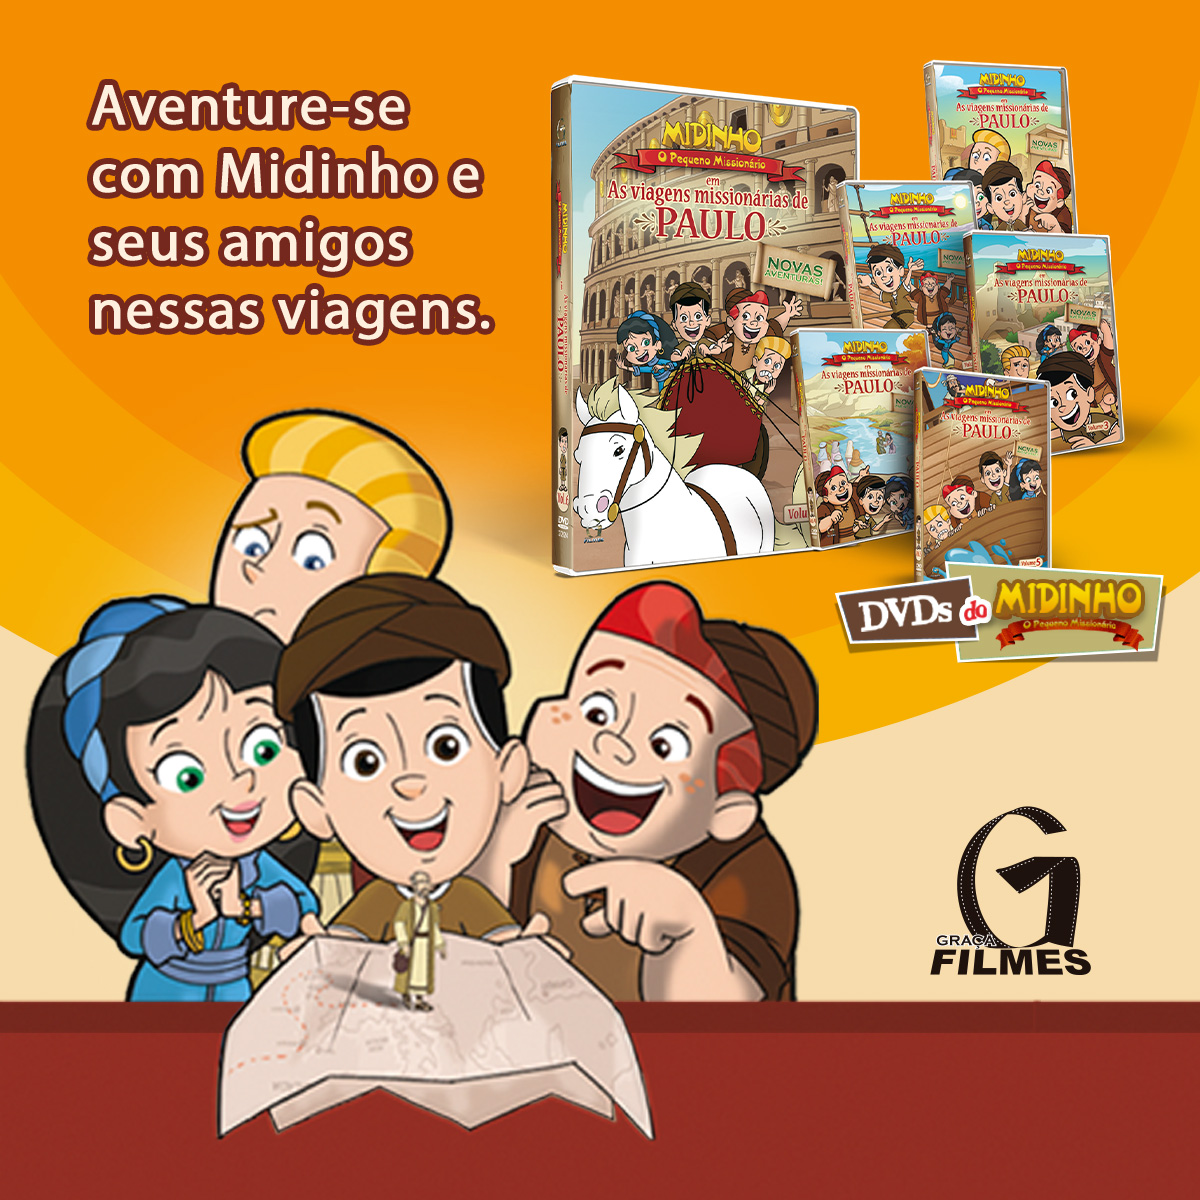 dvd-midinho-graca-filmes-mobile